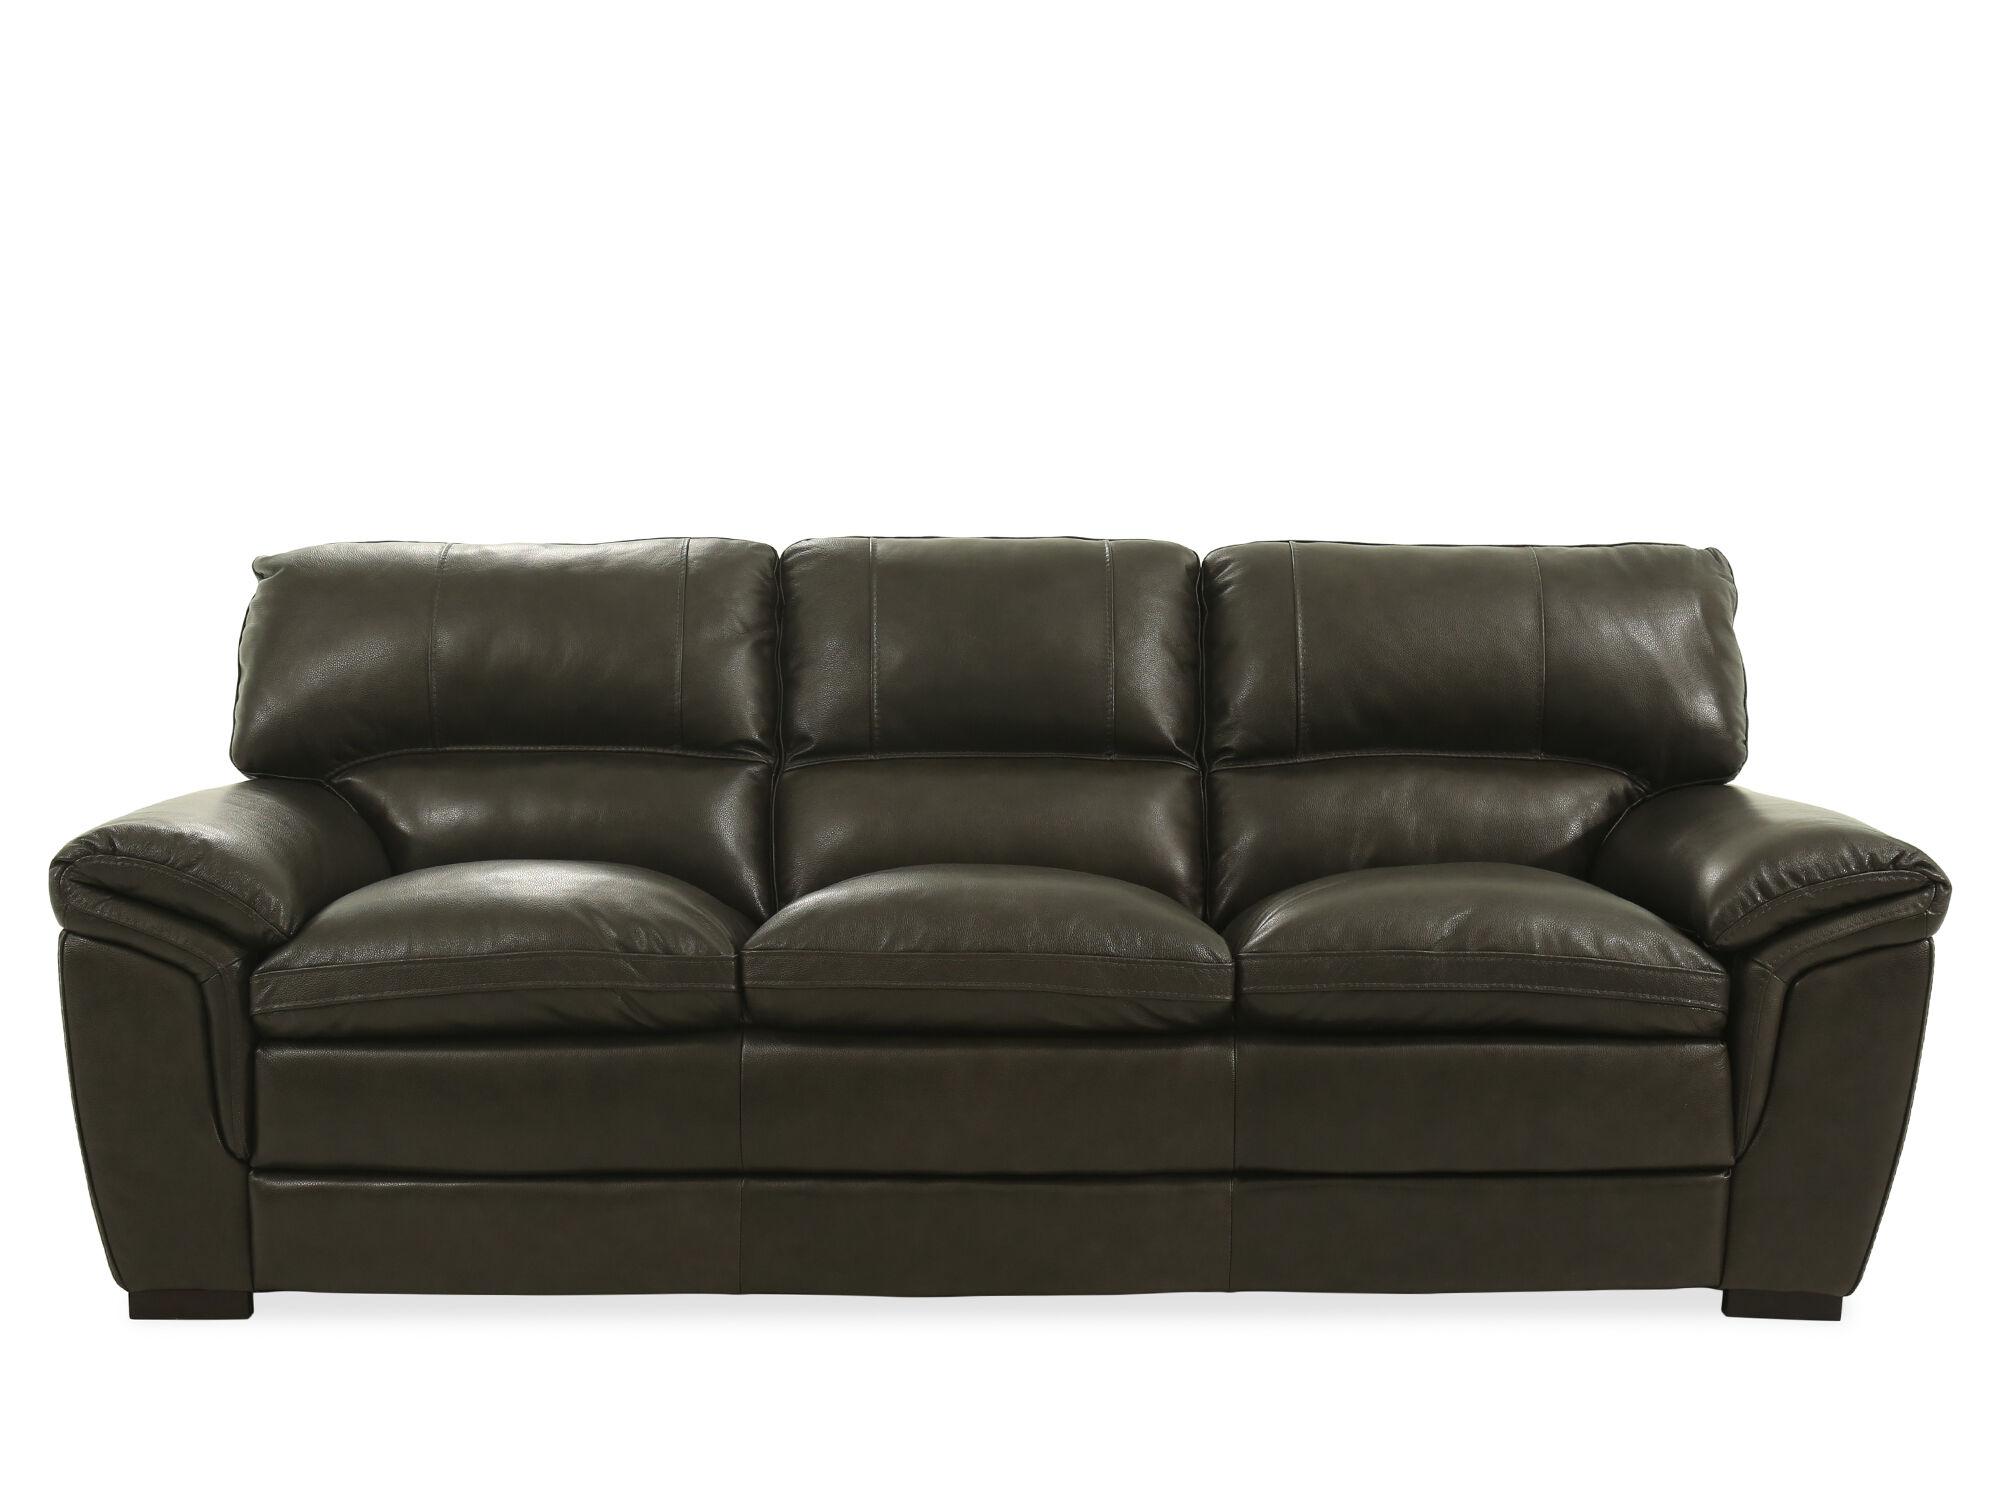 93u0026quot; Leather Sofa In ...